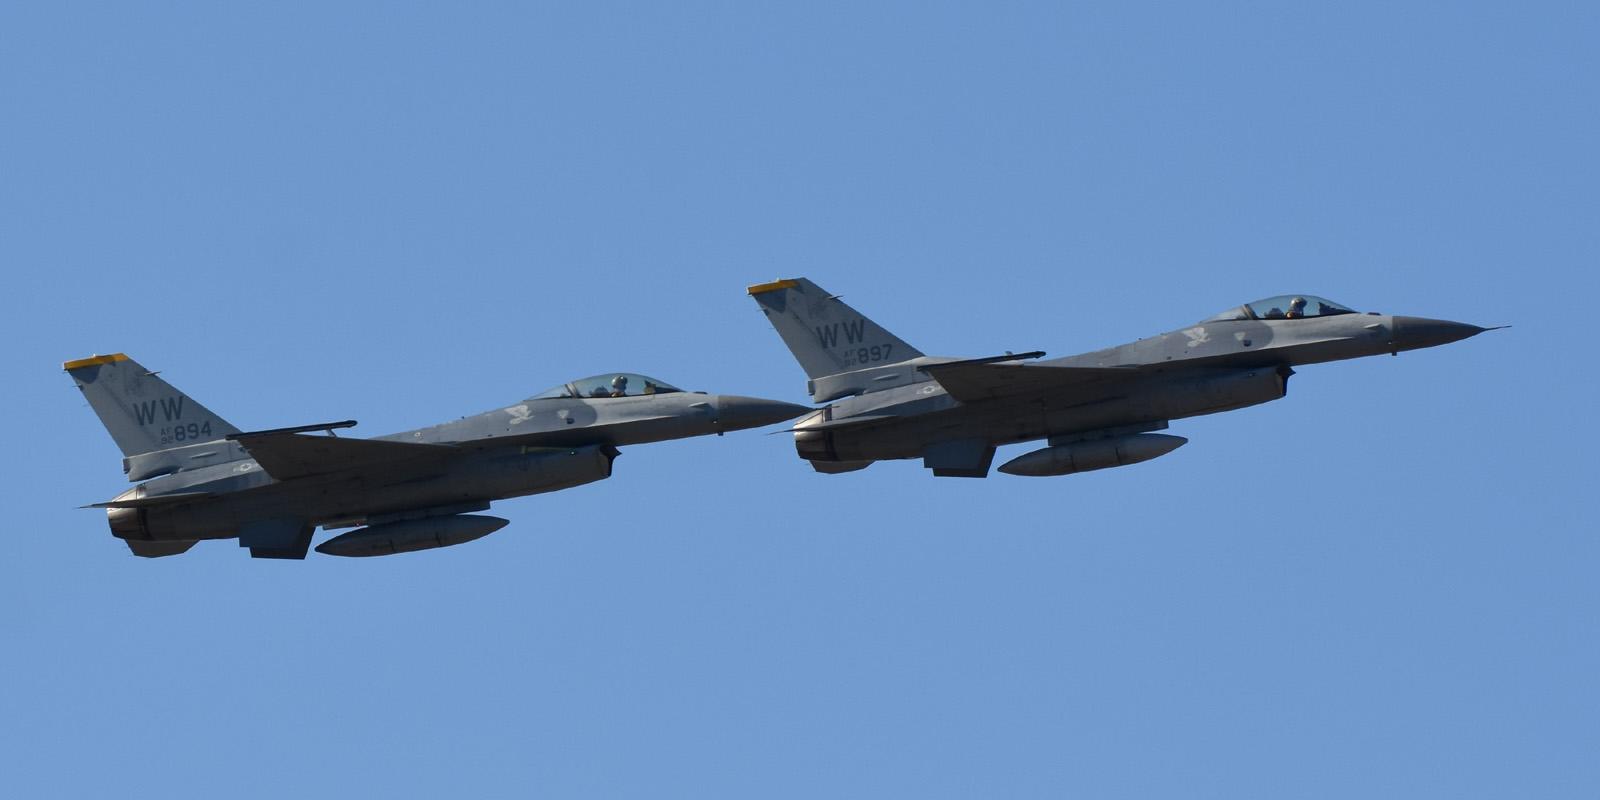 F16cm161202g753